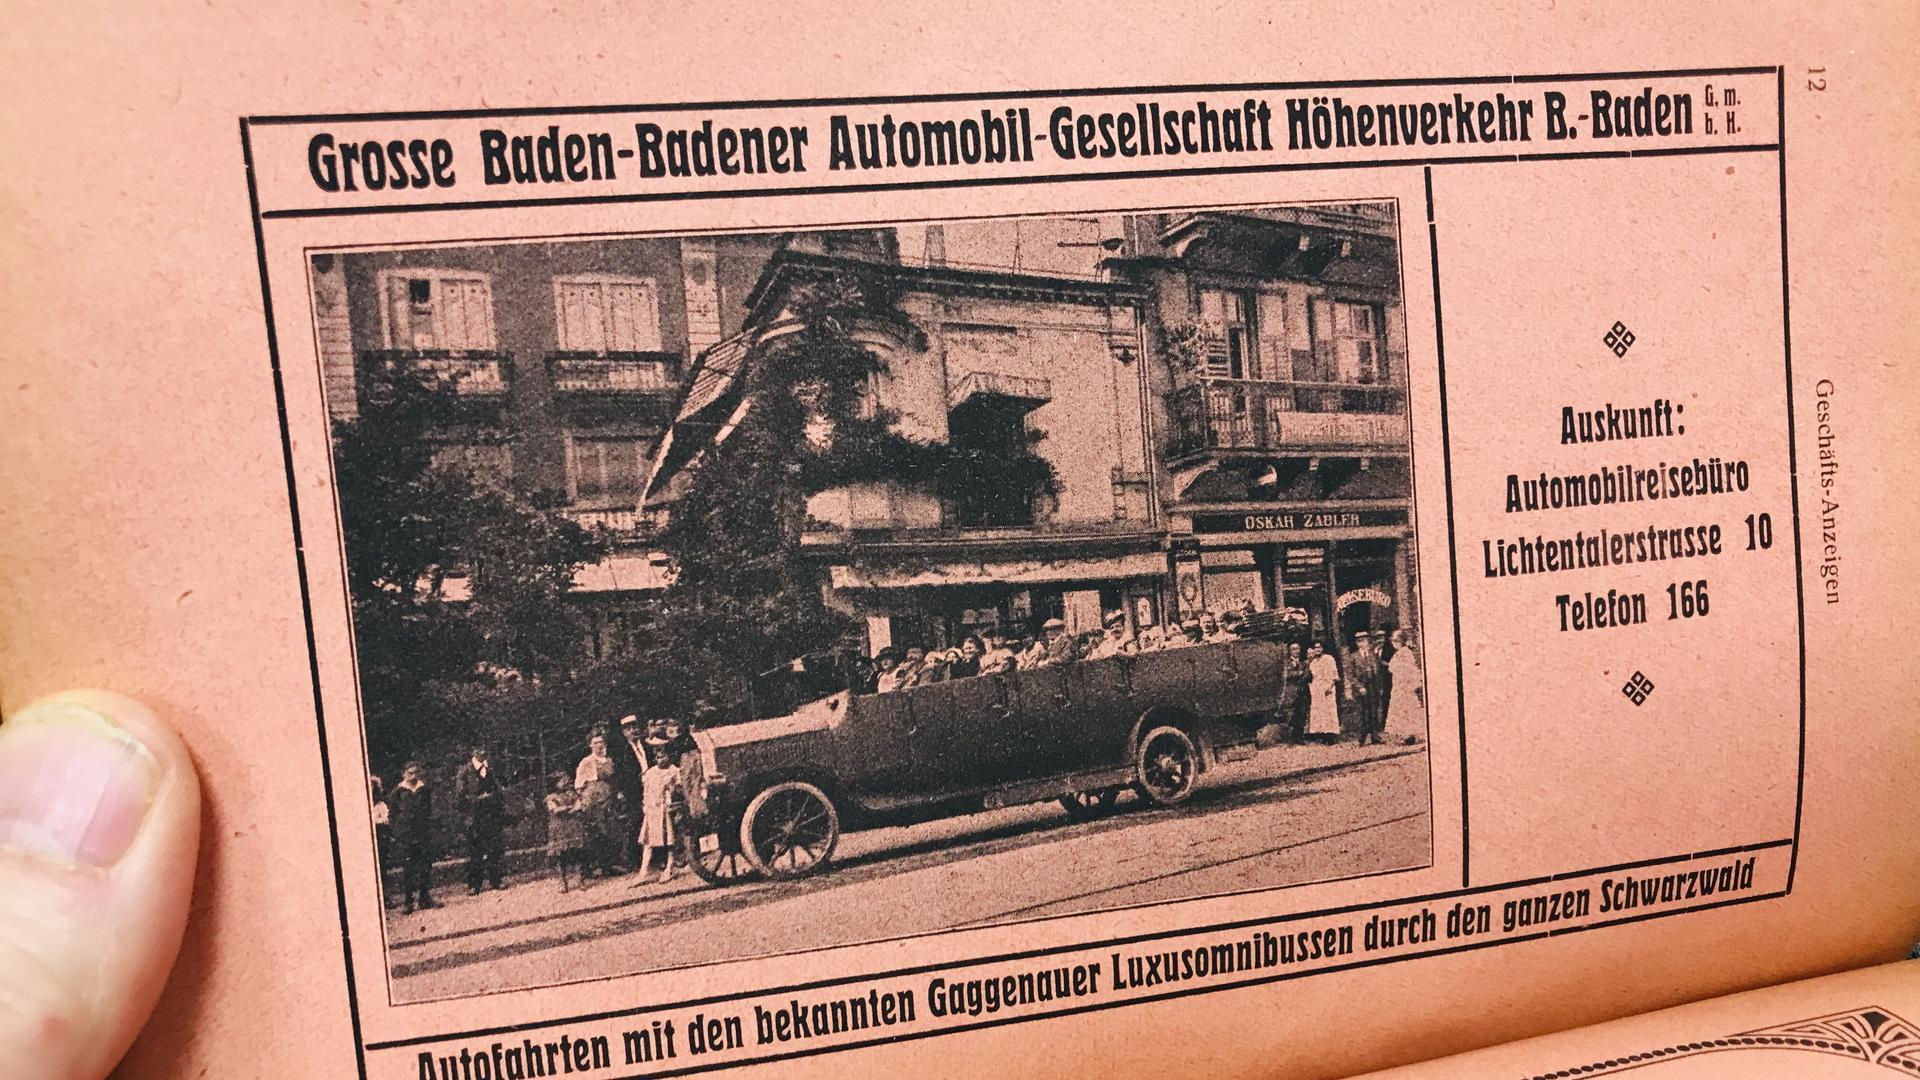 Auf einer ganzen Seite wirbt die Baden-Badener Automobil-Gesellschaft Höhenverkehr im Adressbuch von 1920 für Ausflugsfahrten mit Luxusomnibussen aus Gaggenau.